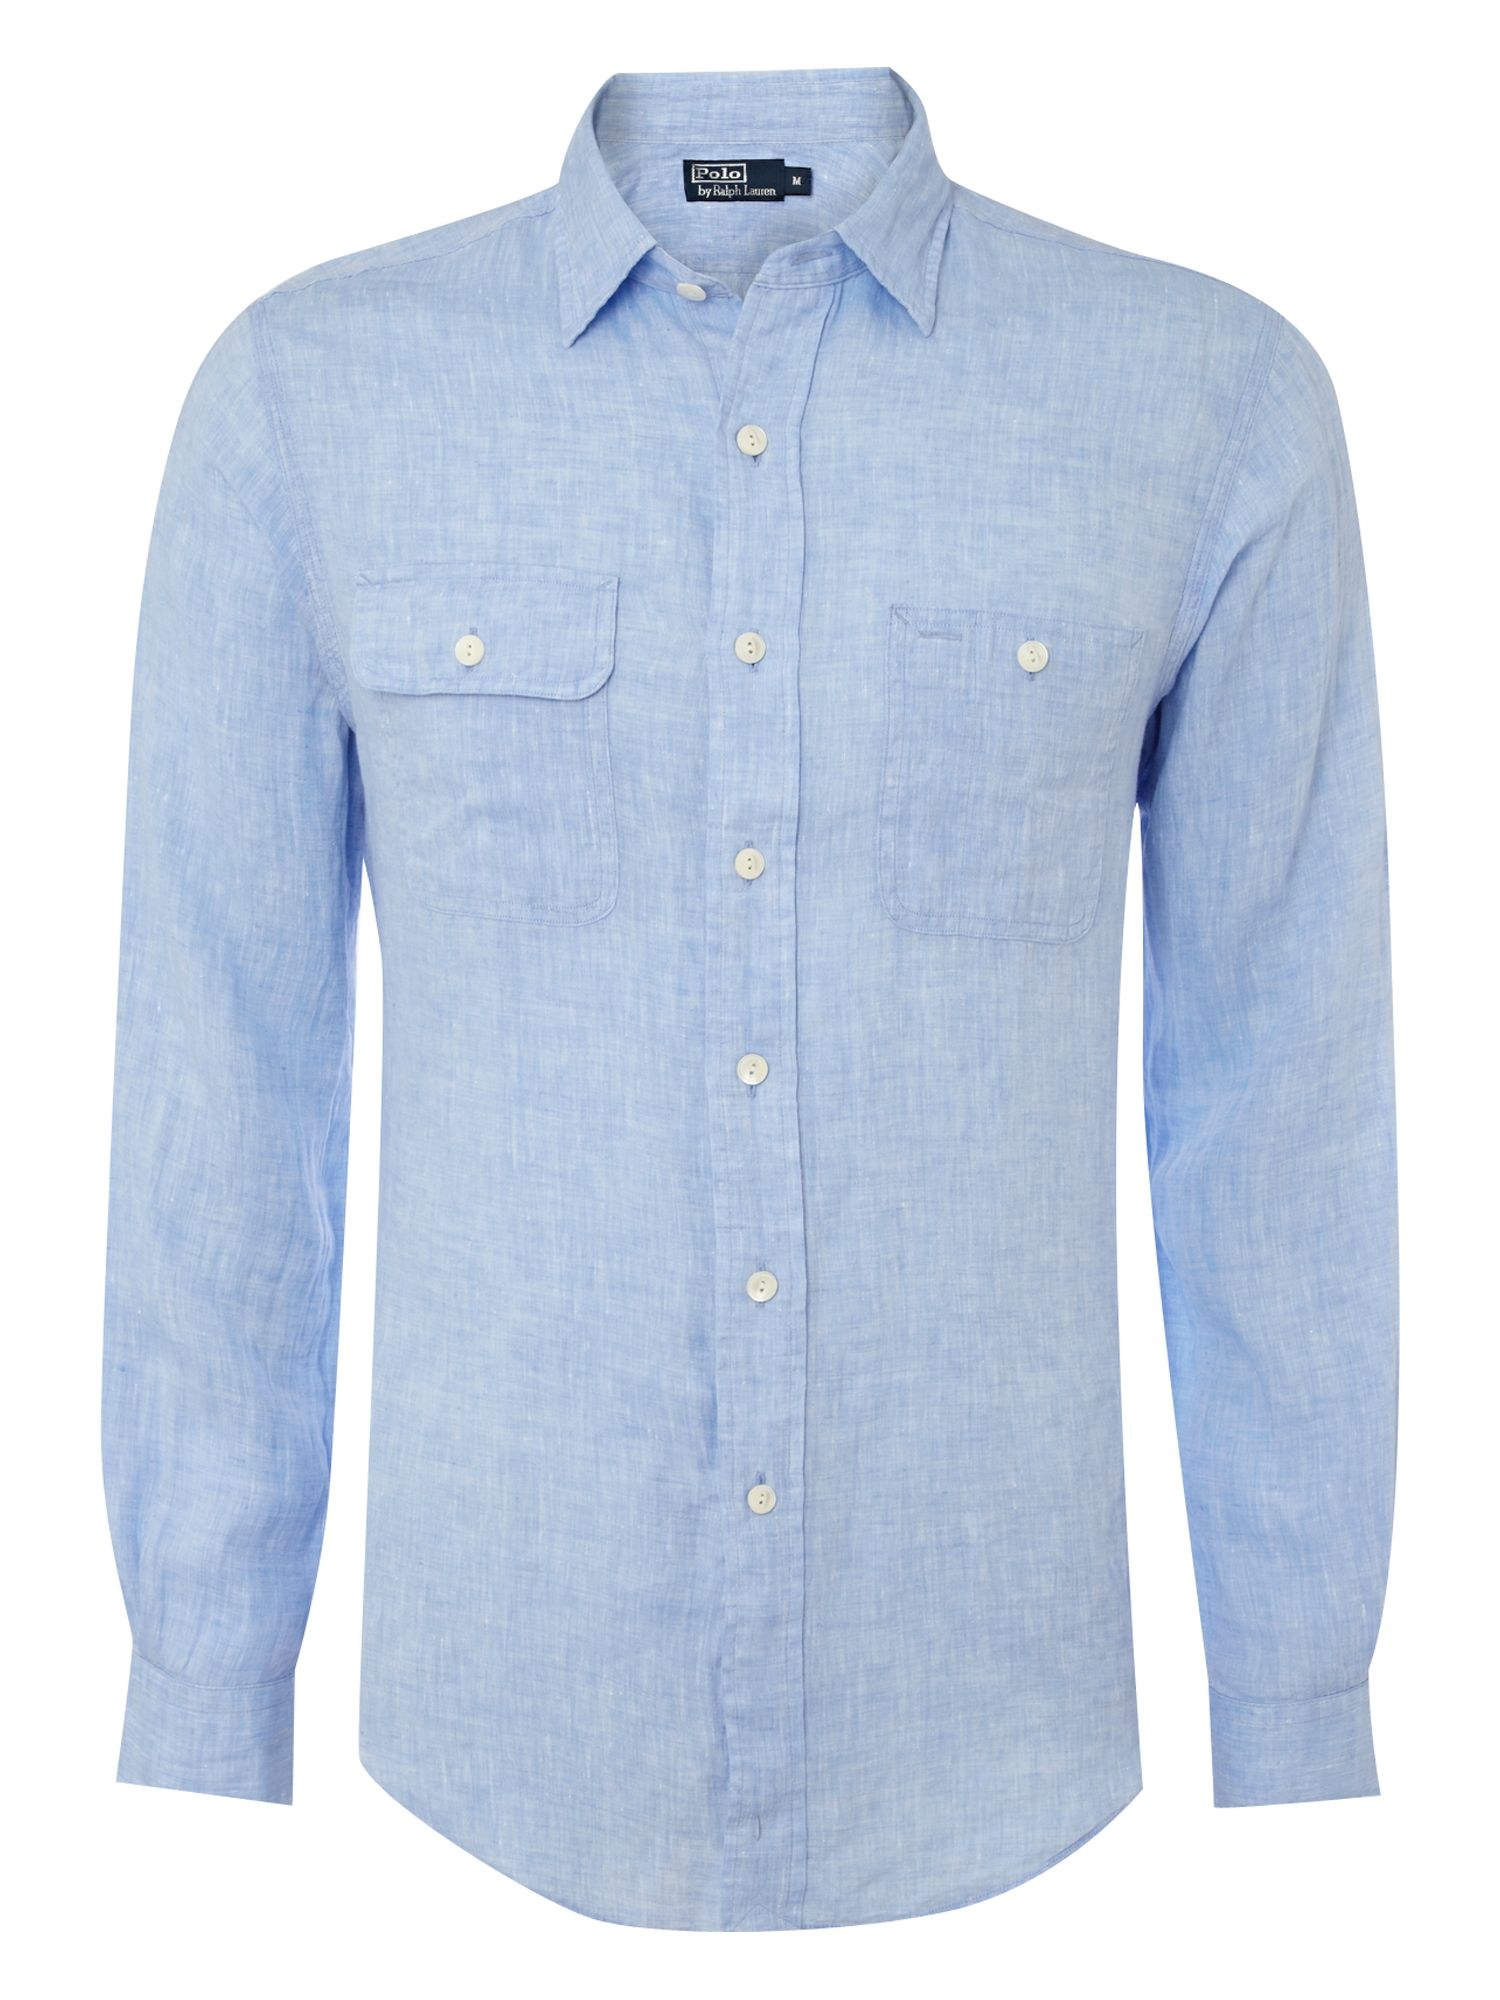 polo ralph lauren custom fit linen shirt in blue for men